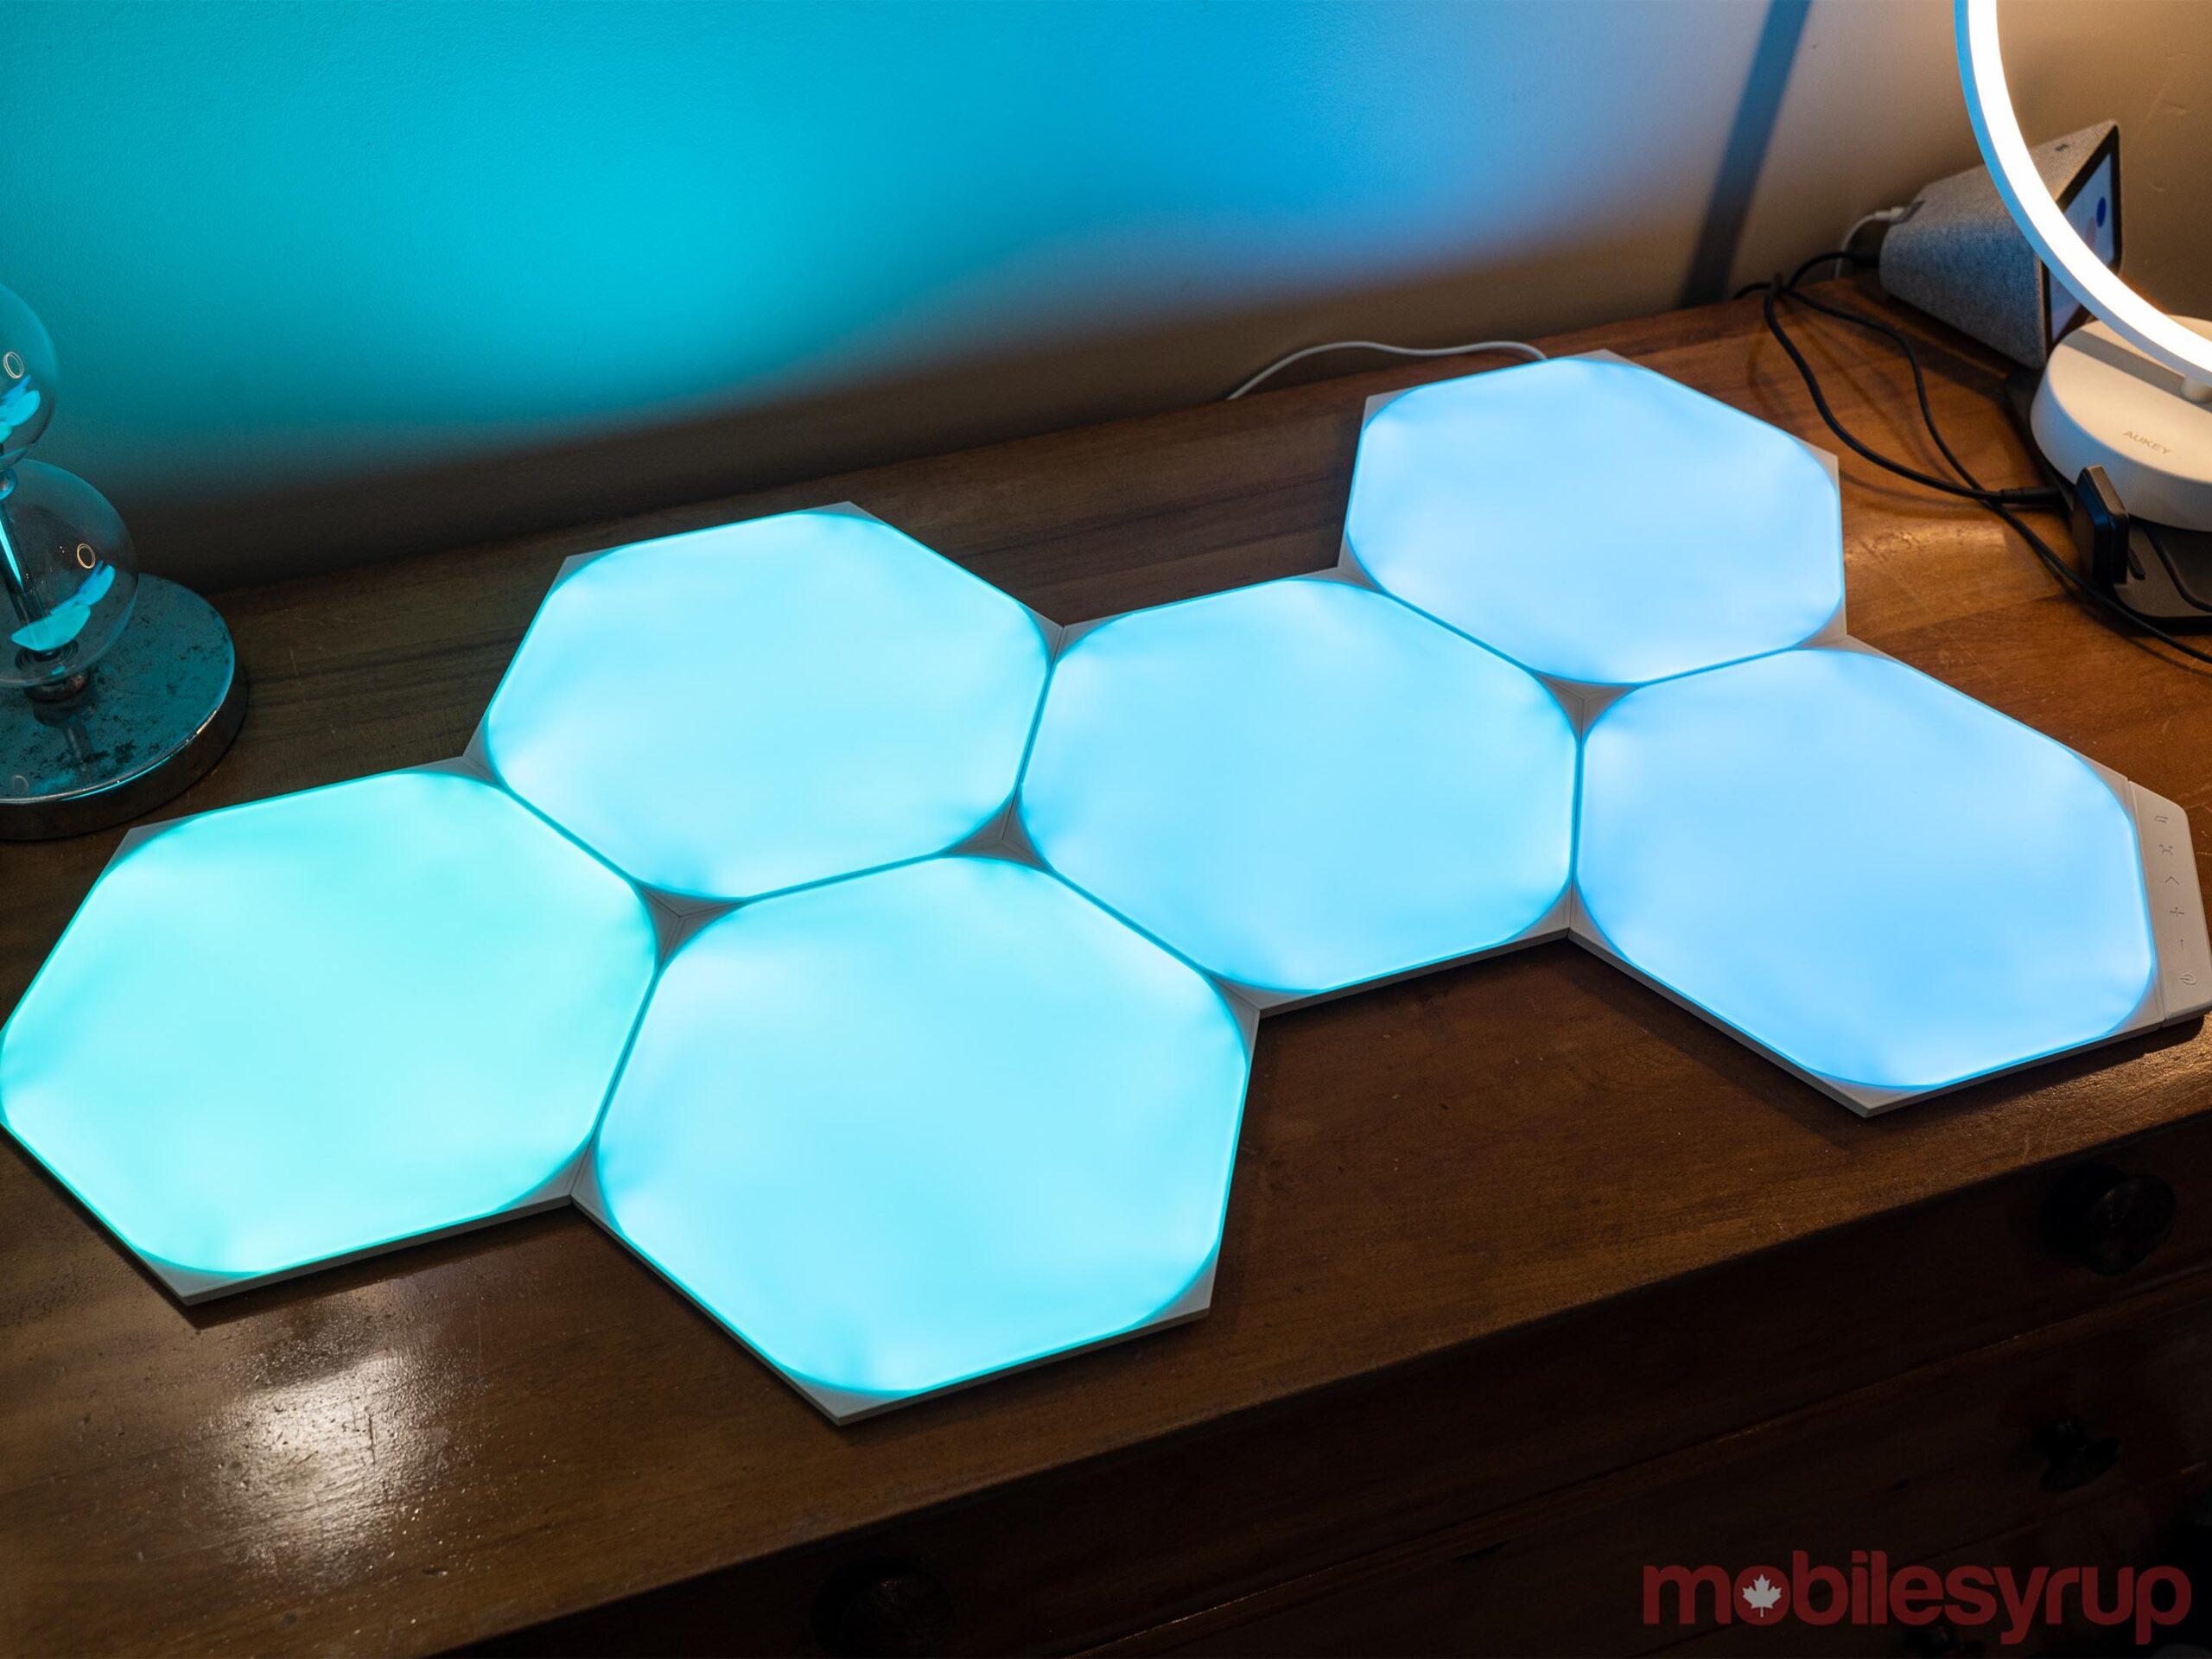 Nanoleaf Hexagon Shapes Lights